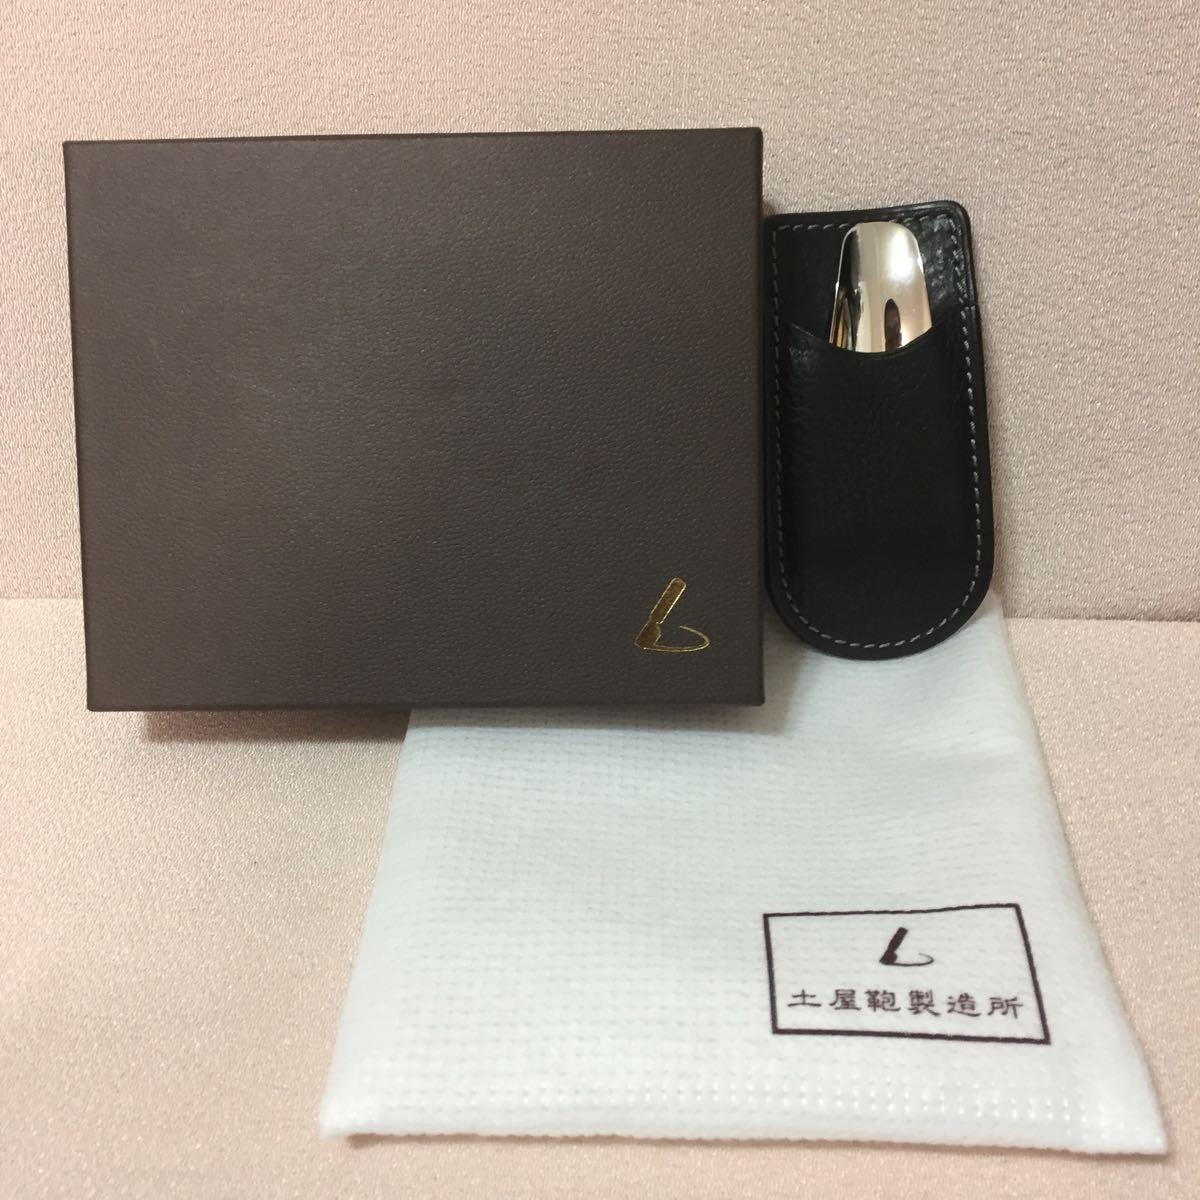 【定価9800円】 新品 土屋鞄 本革 ウルバーノ 靴ベラカバー 携帯靴べら セット シューホーン